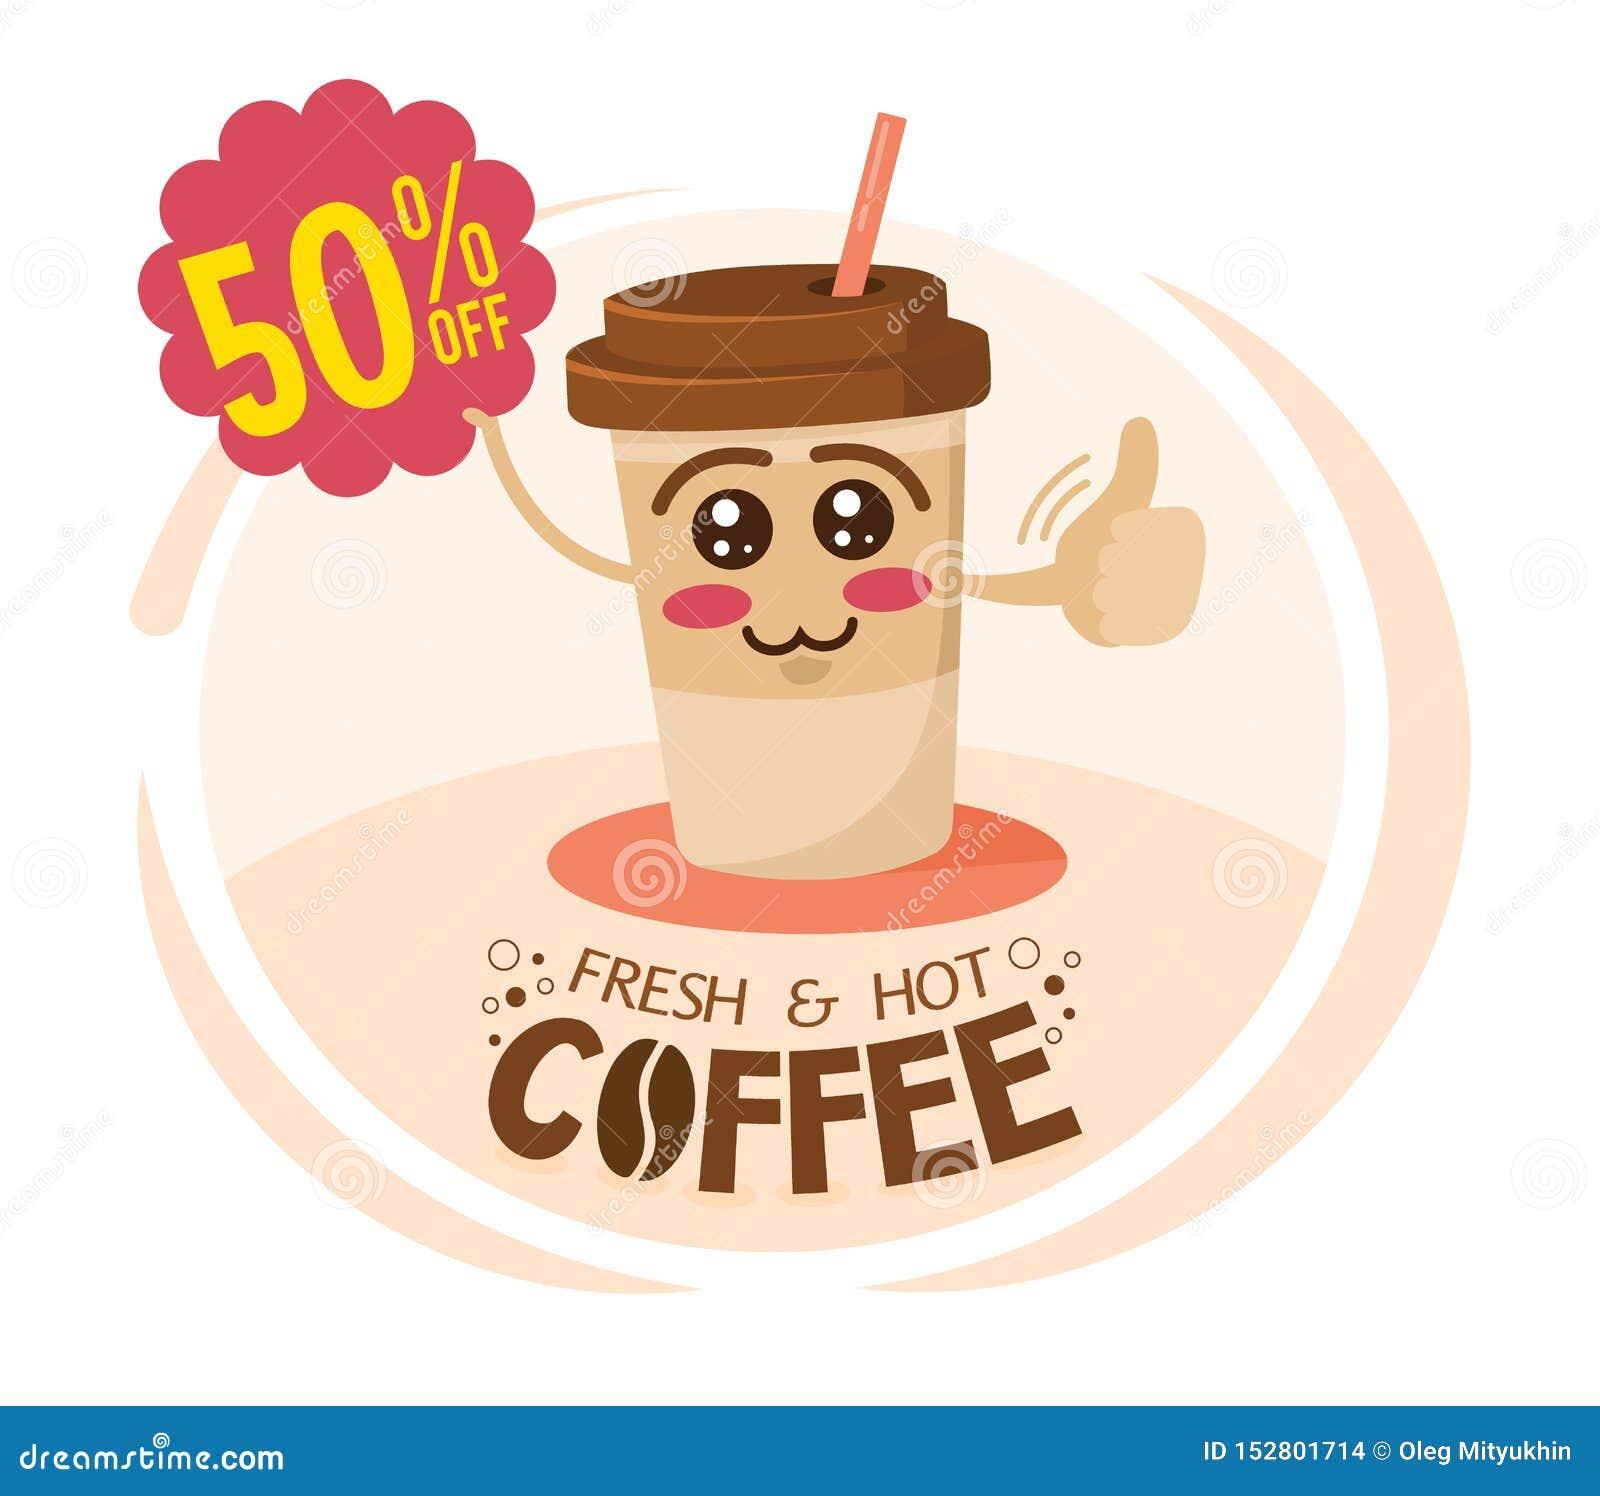 拿着与特价的滑稽的卡通人物咖啡杯一个标志 咖啡折扣概念